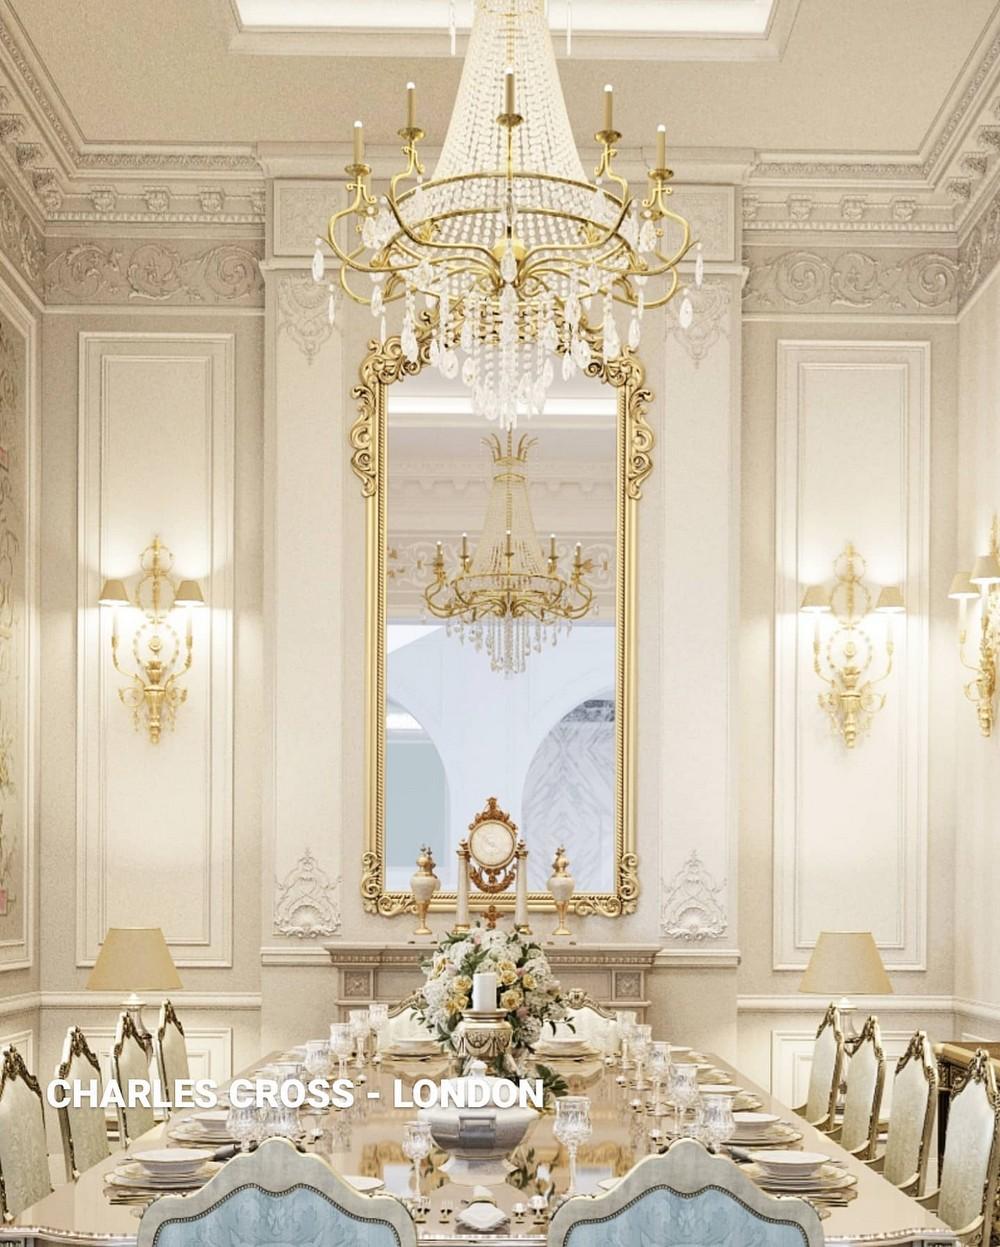 Charles Cross London: When Luxury Details Meet Imposing Interiors charles cross london Charles Cross London: When Luxury Details Meet Imposing Interiors 88423300 1105500039808373 1907242951491190784 n